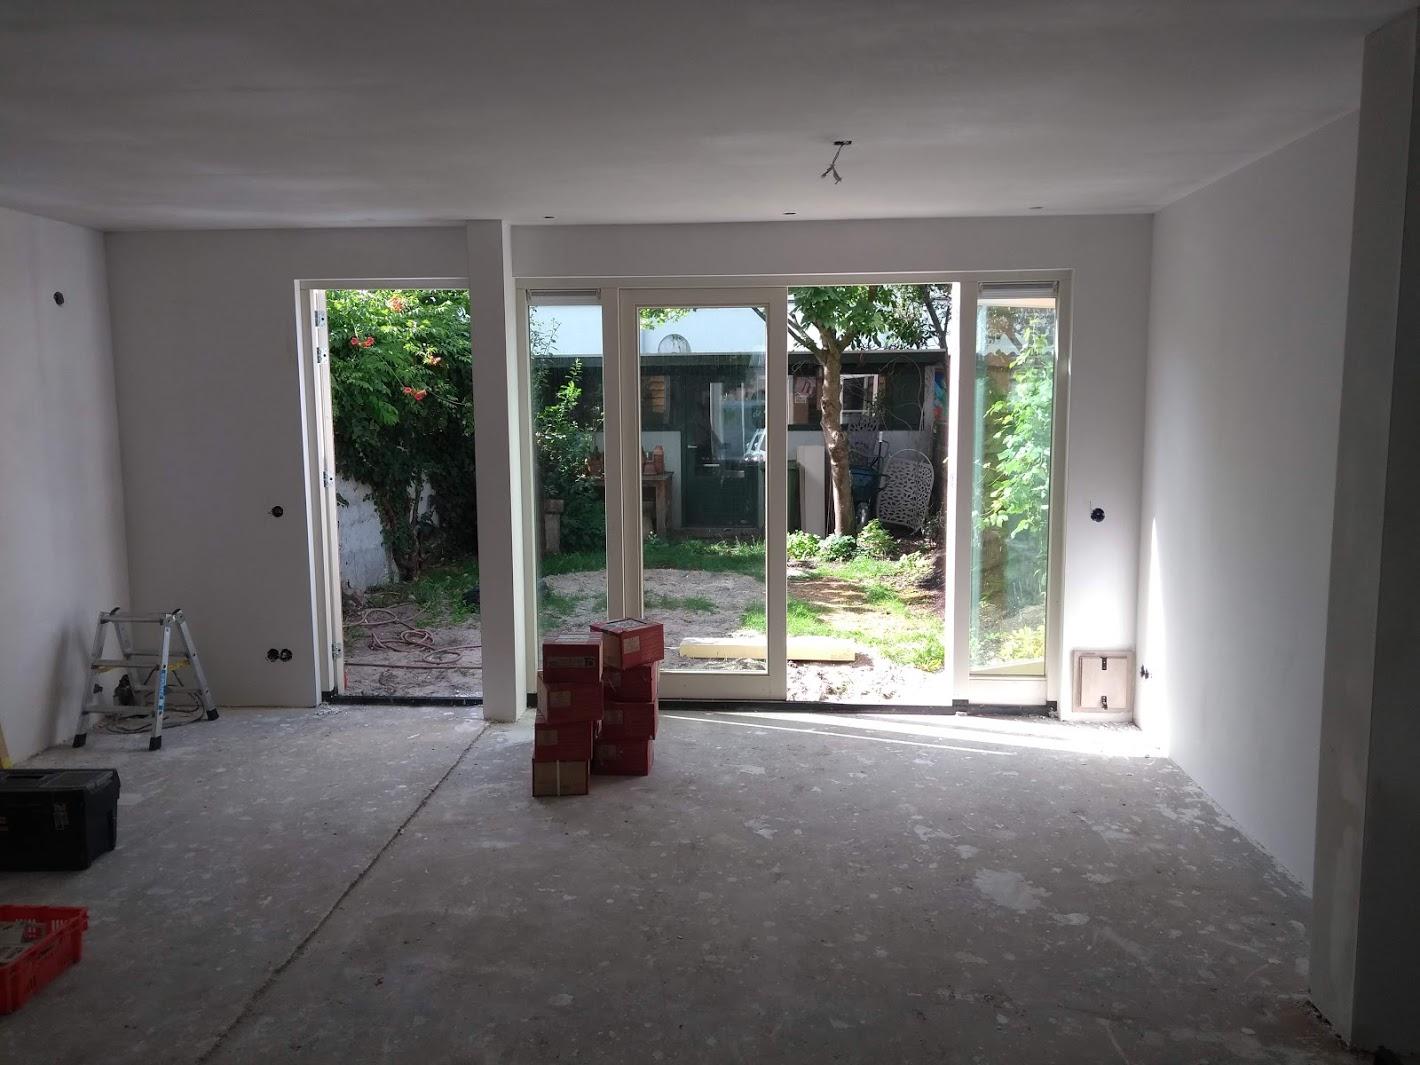 aanbouw-binnenstad-verduurzaming-denbosch-2-2